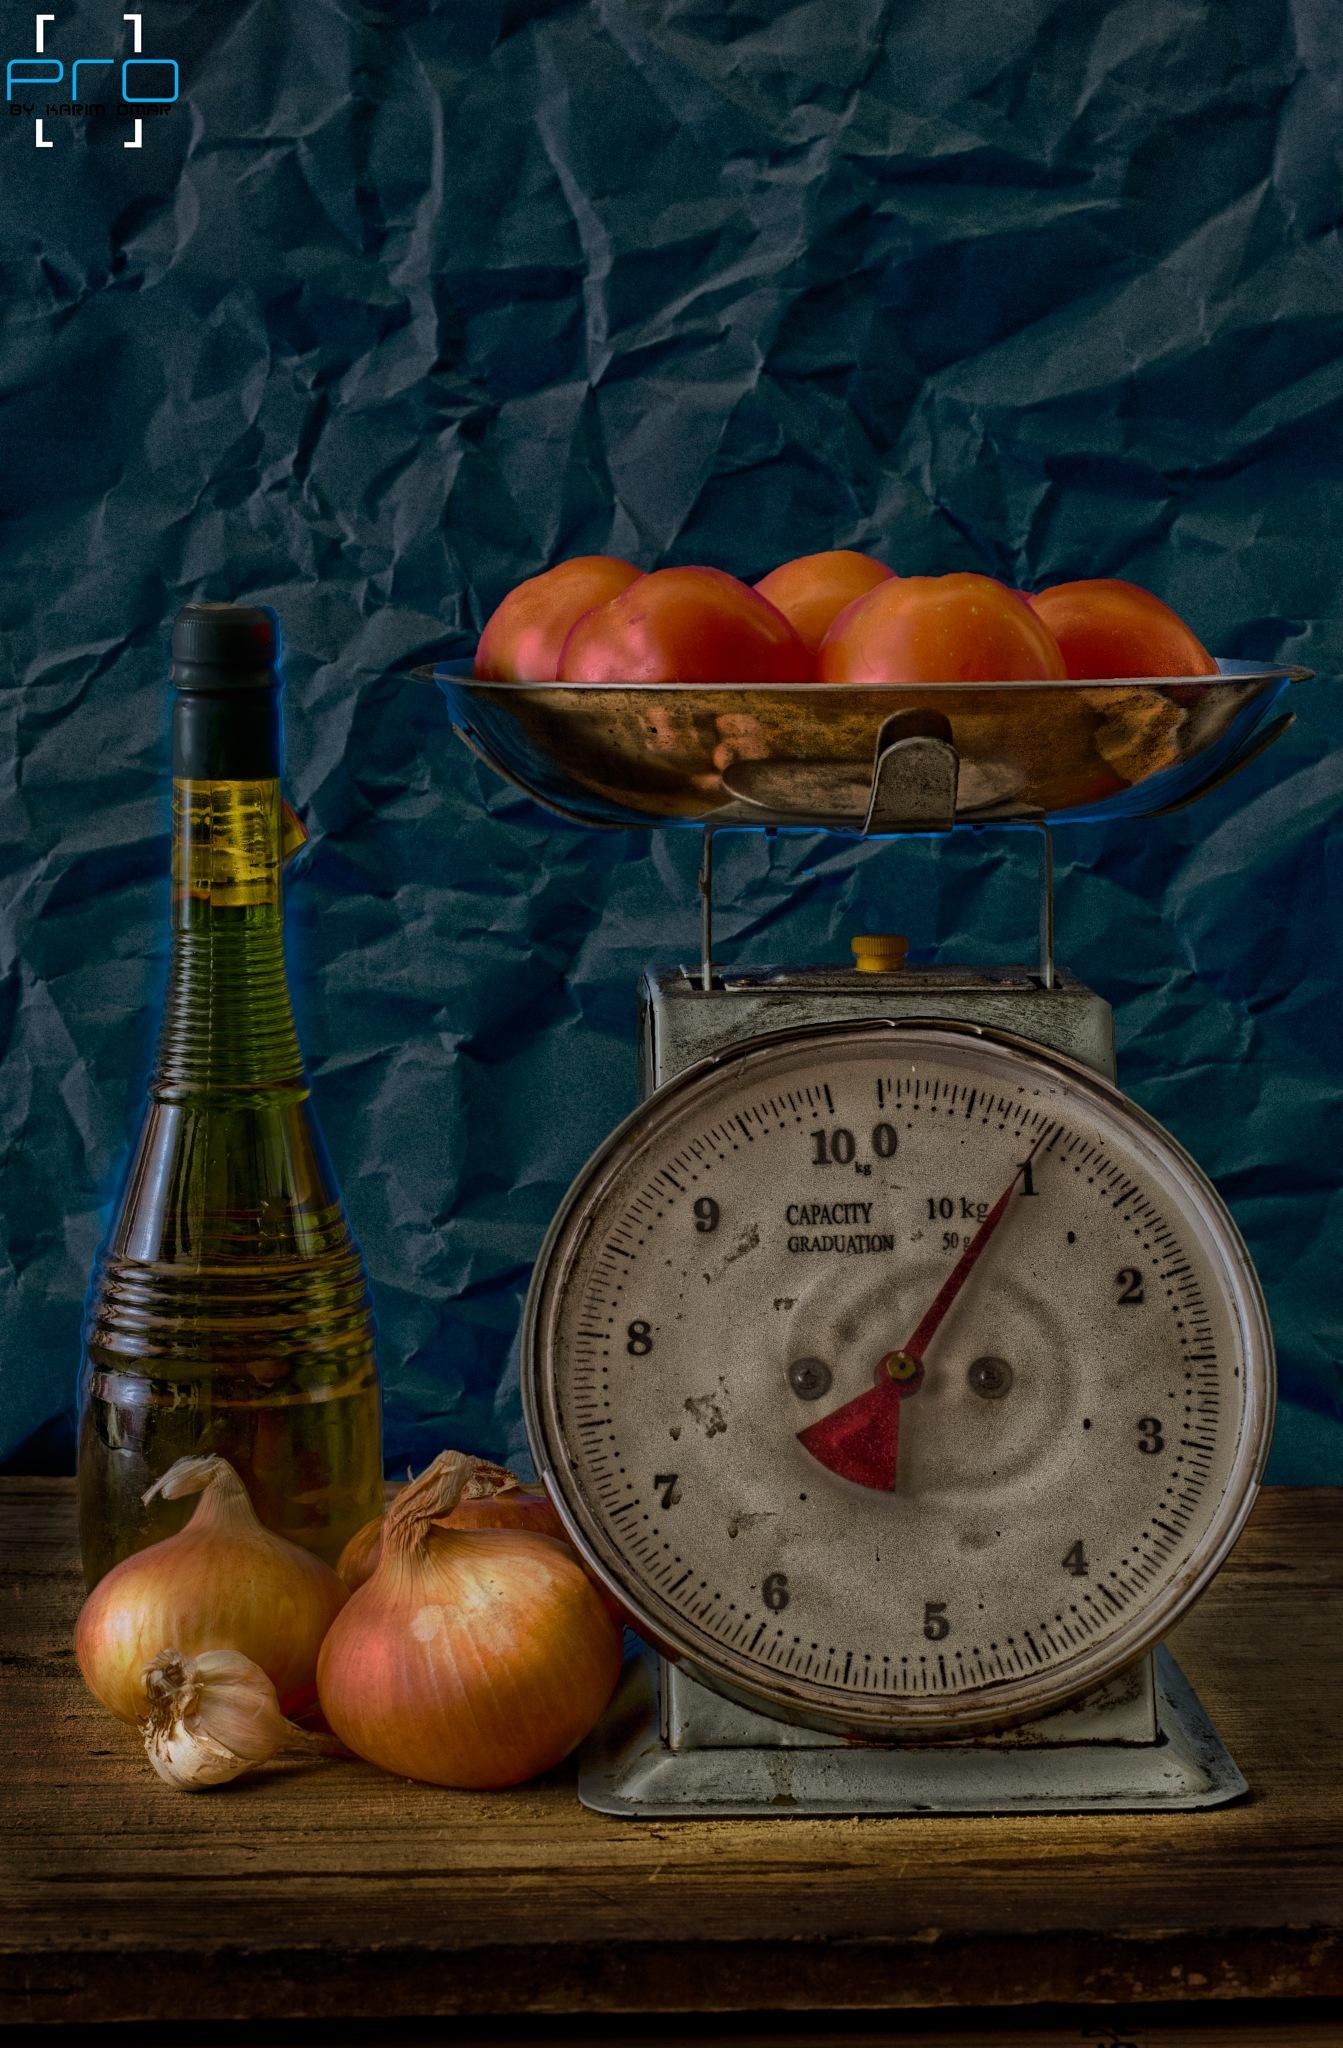 1 kilo is enough  by Kareem Omar